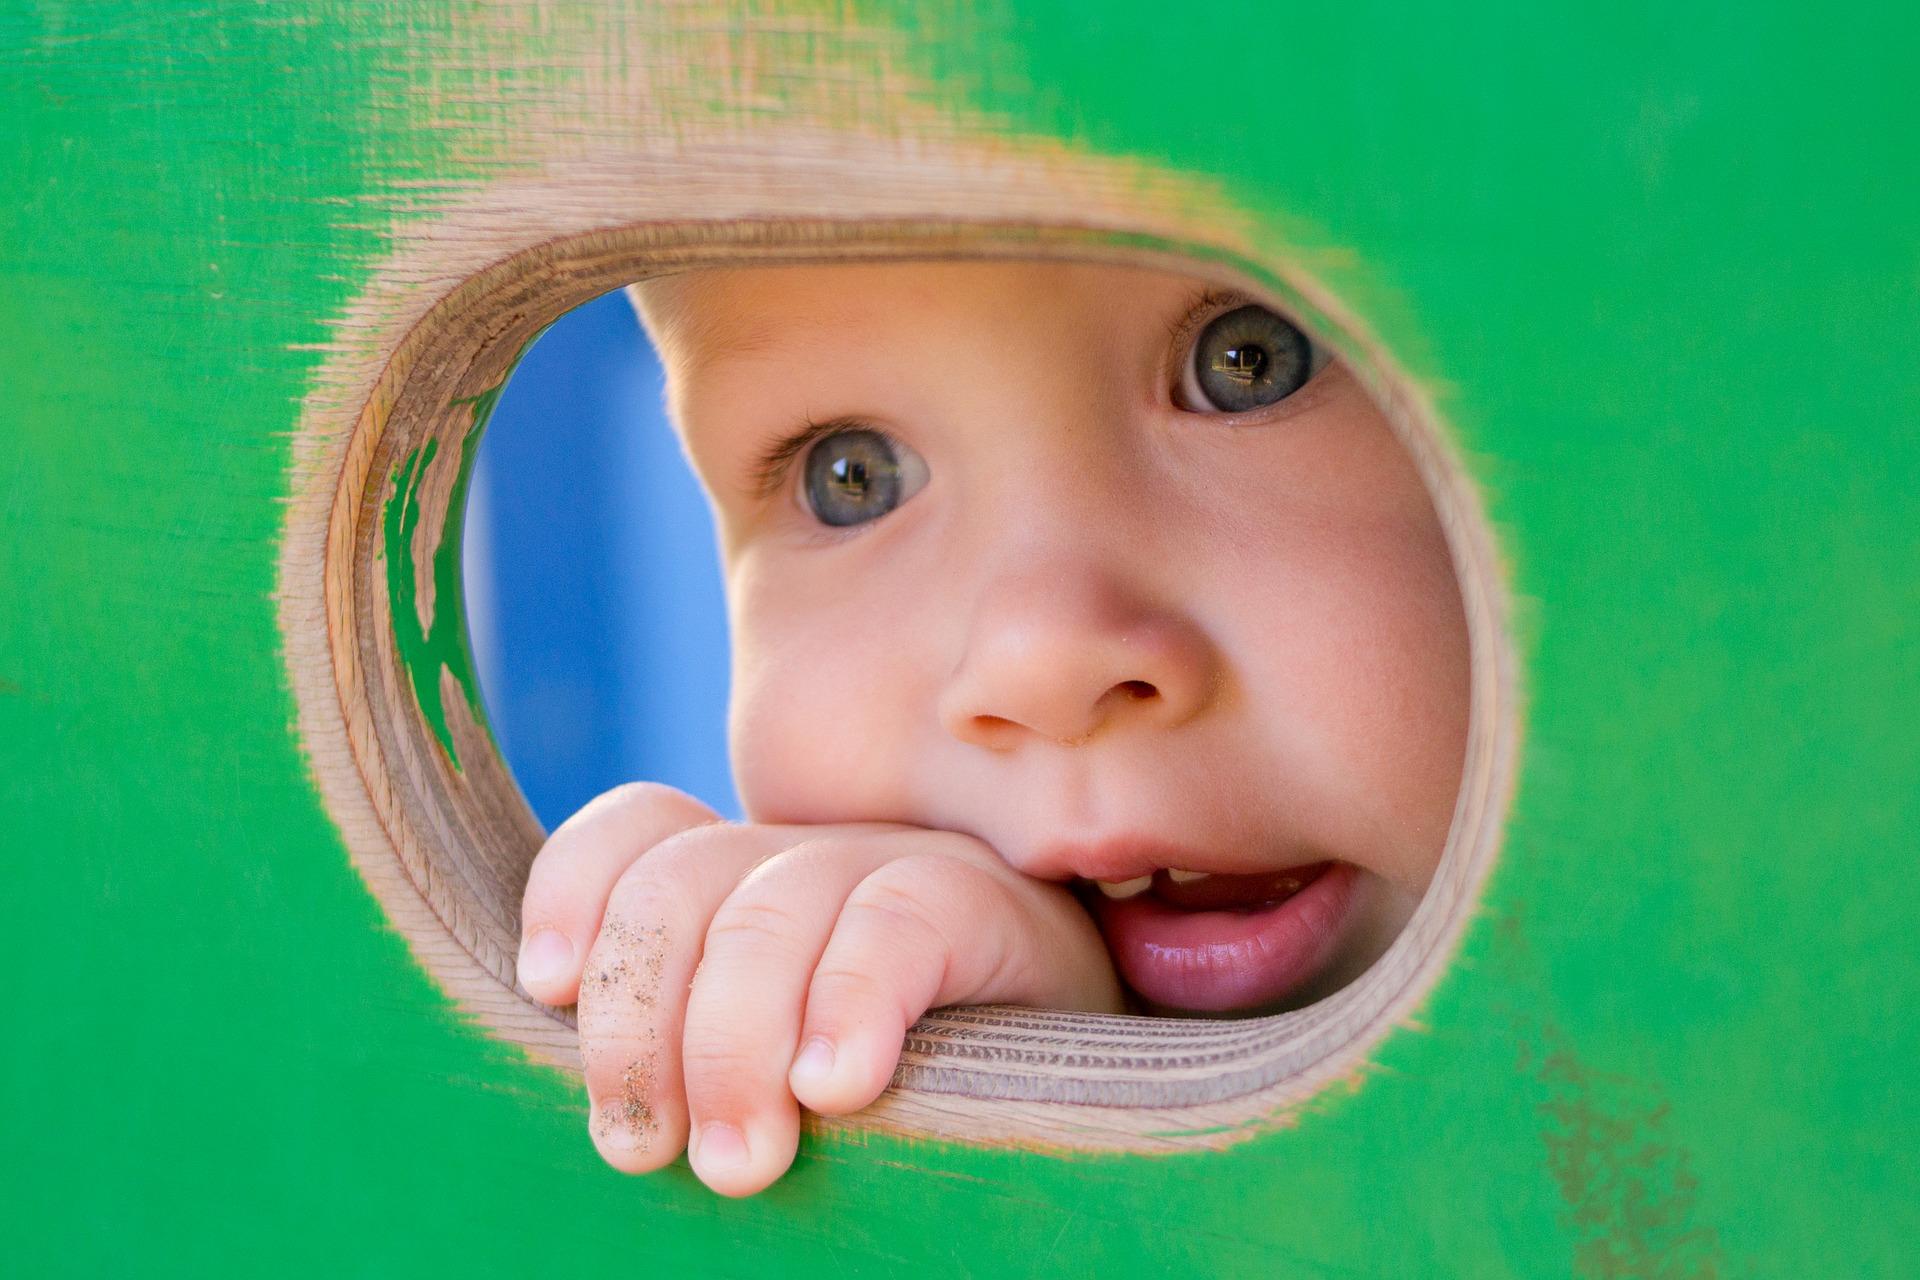 dziecko wygląda przez dziurę